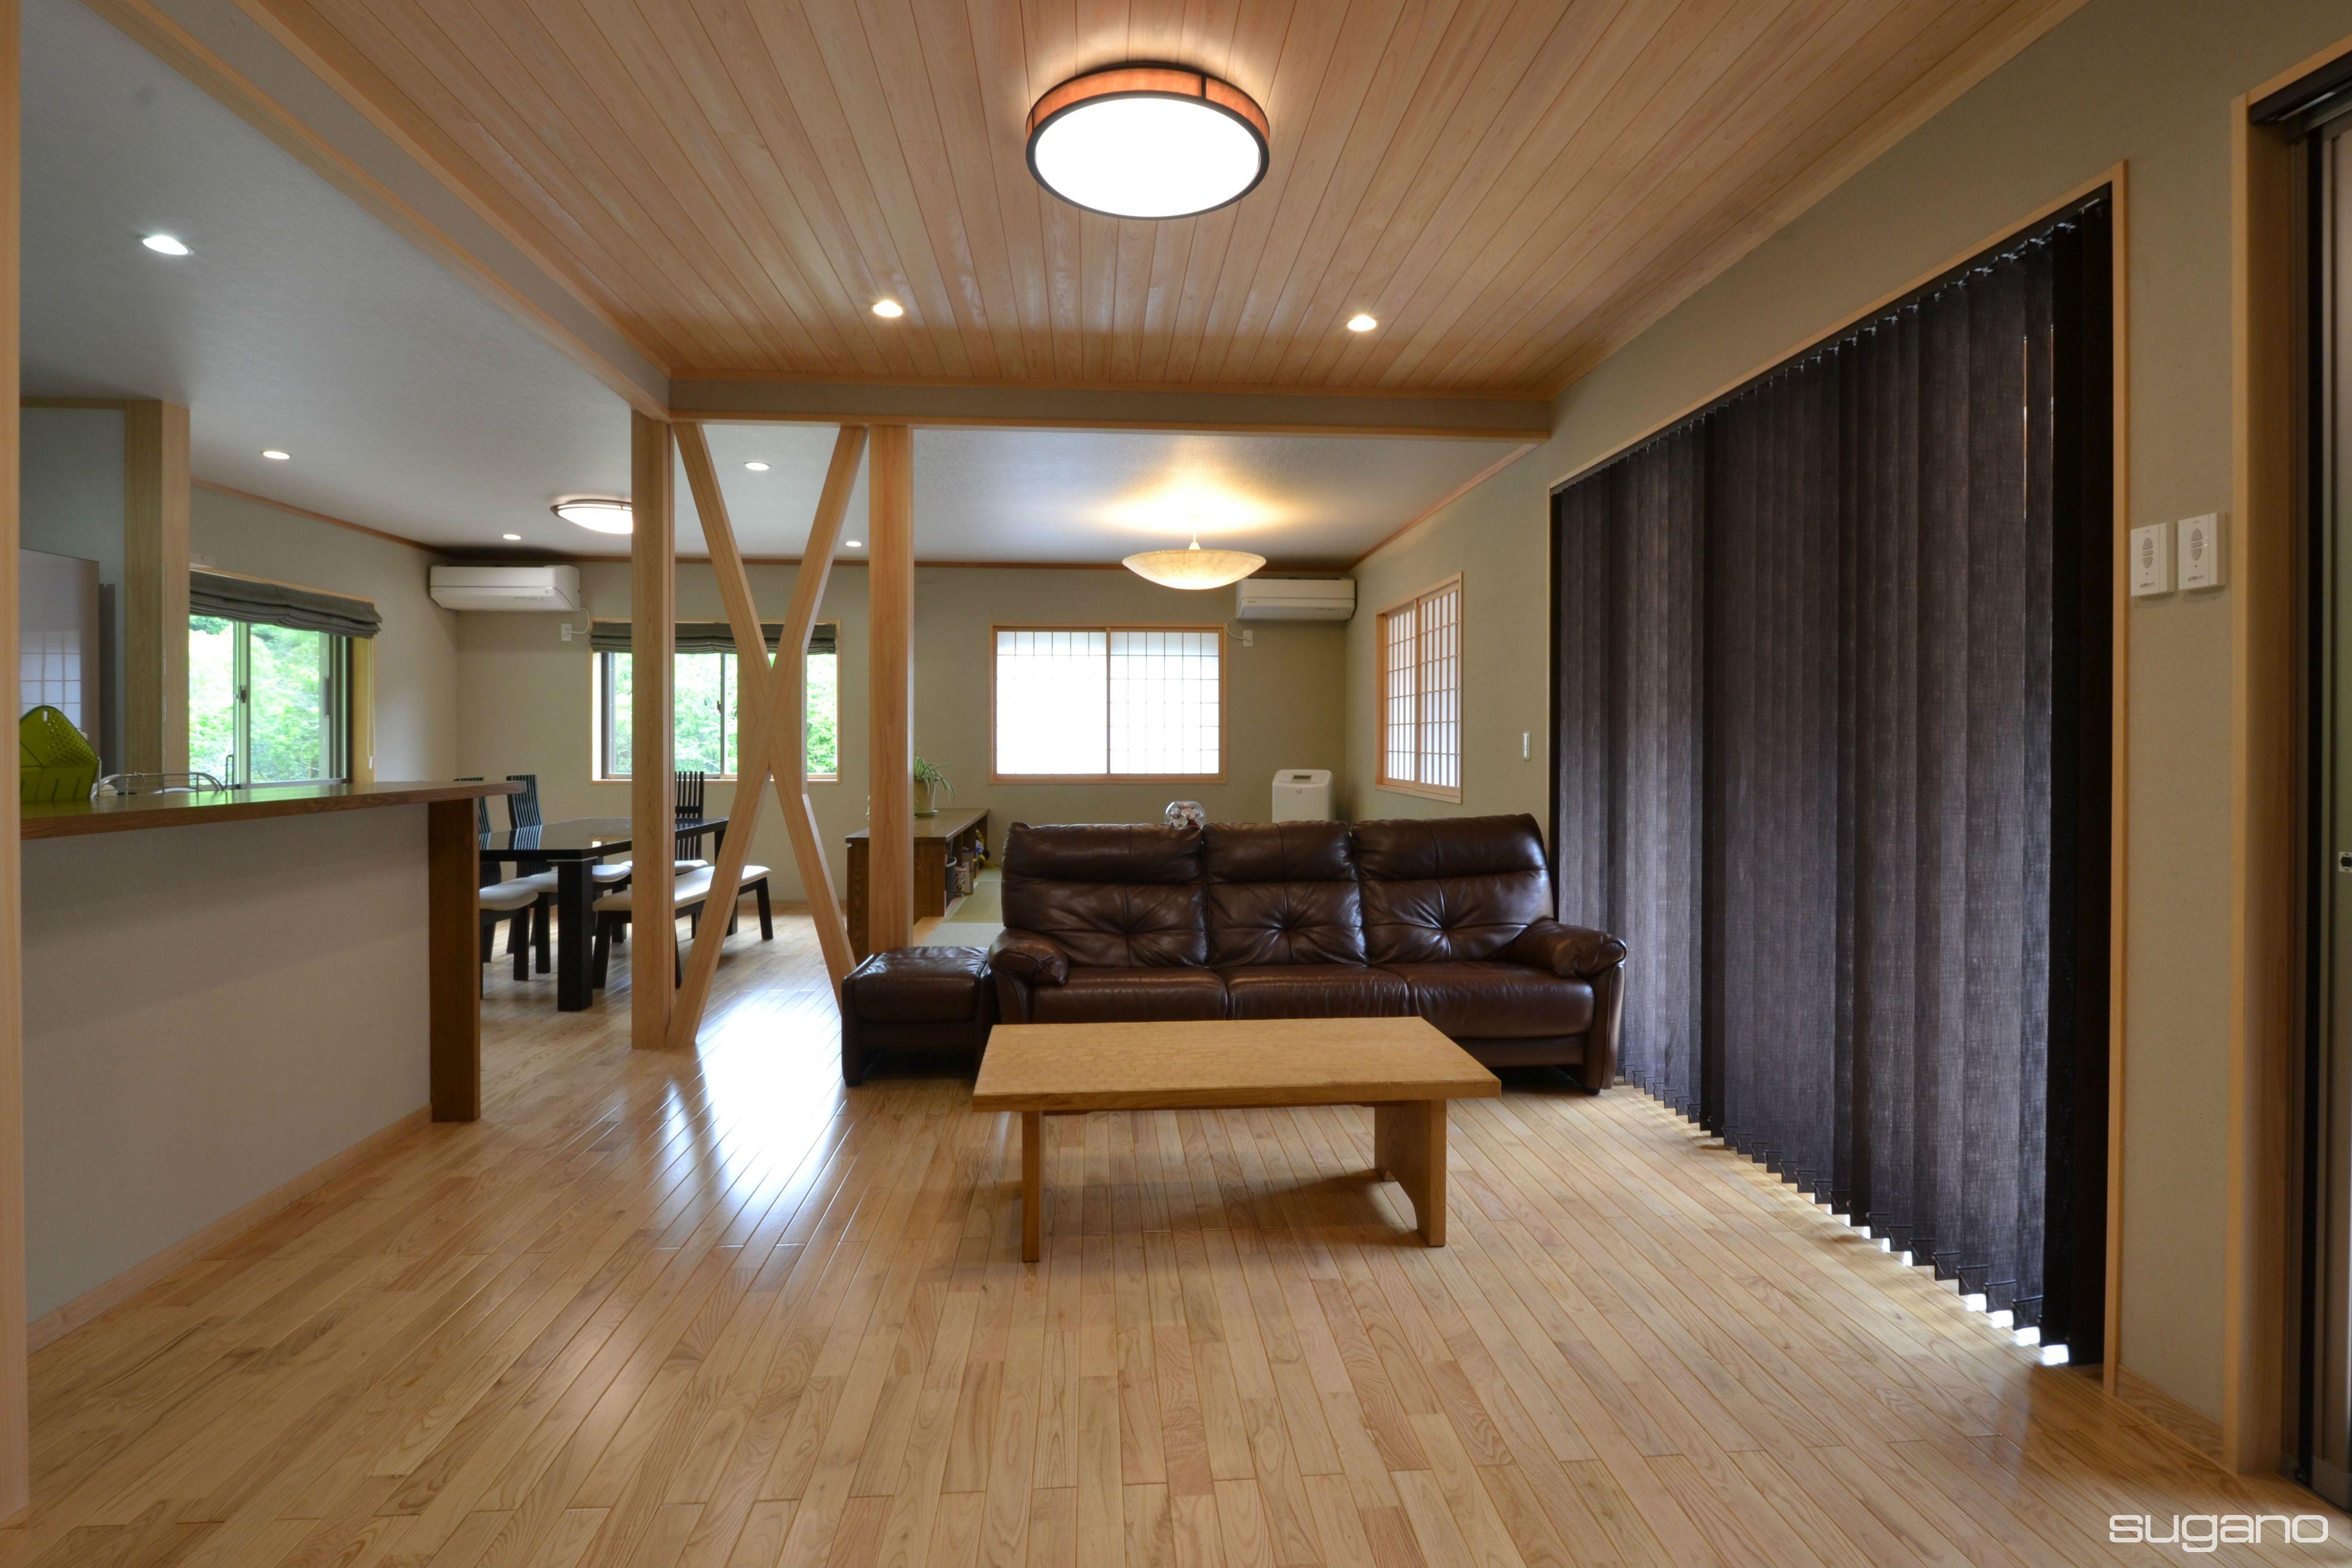 33帖のldk 床はクリフローリング 天井は リビング部分だけ15cm高くして 桧の上小節板を張りました Ldk 和風住宅 リビング 新築住宅 木造住宅 二世帯住宅